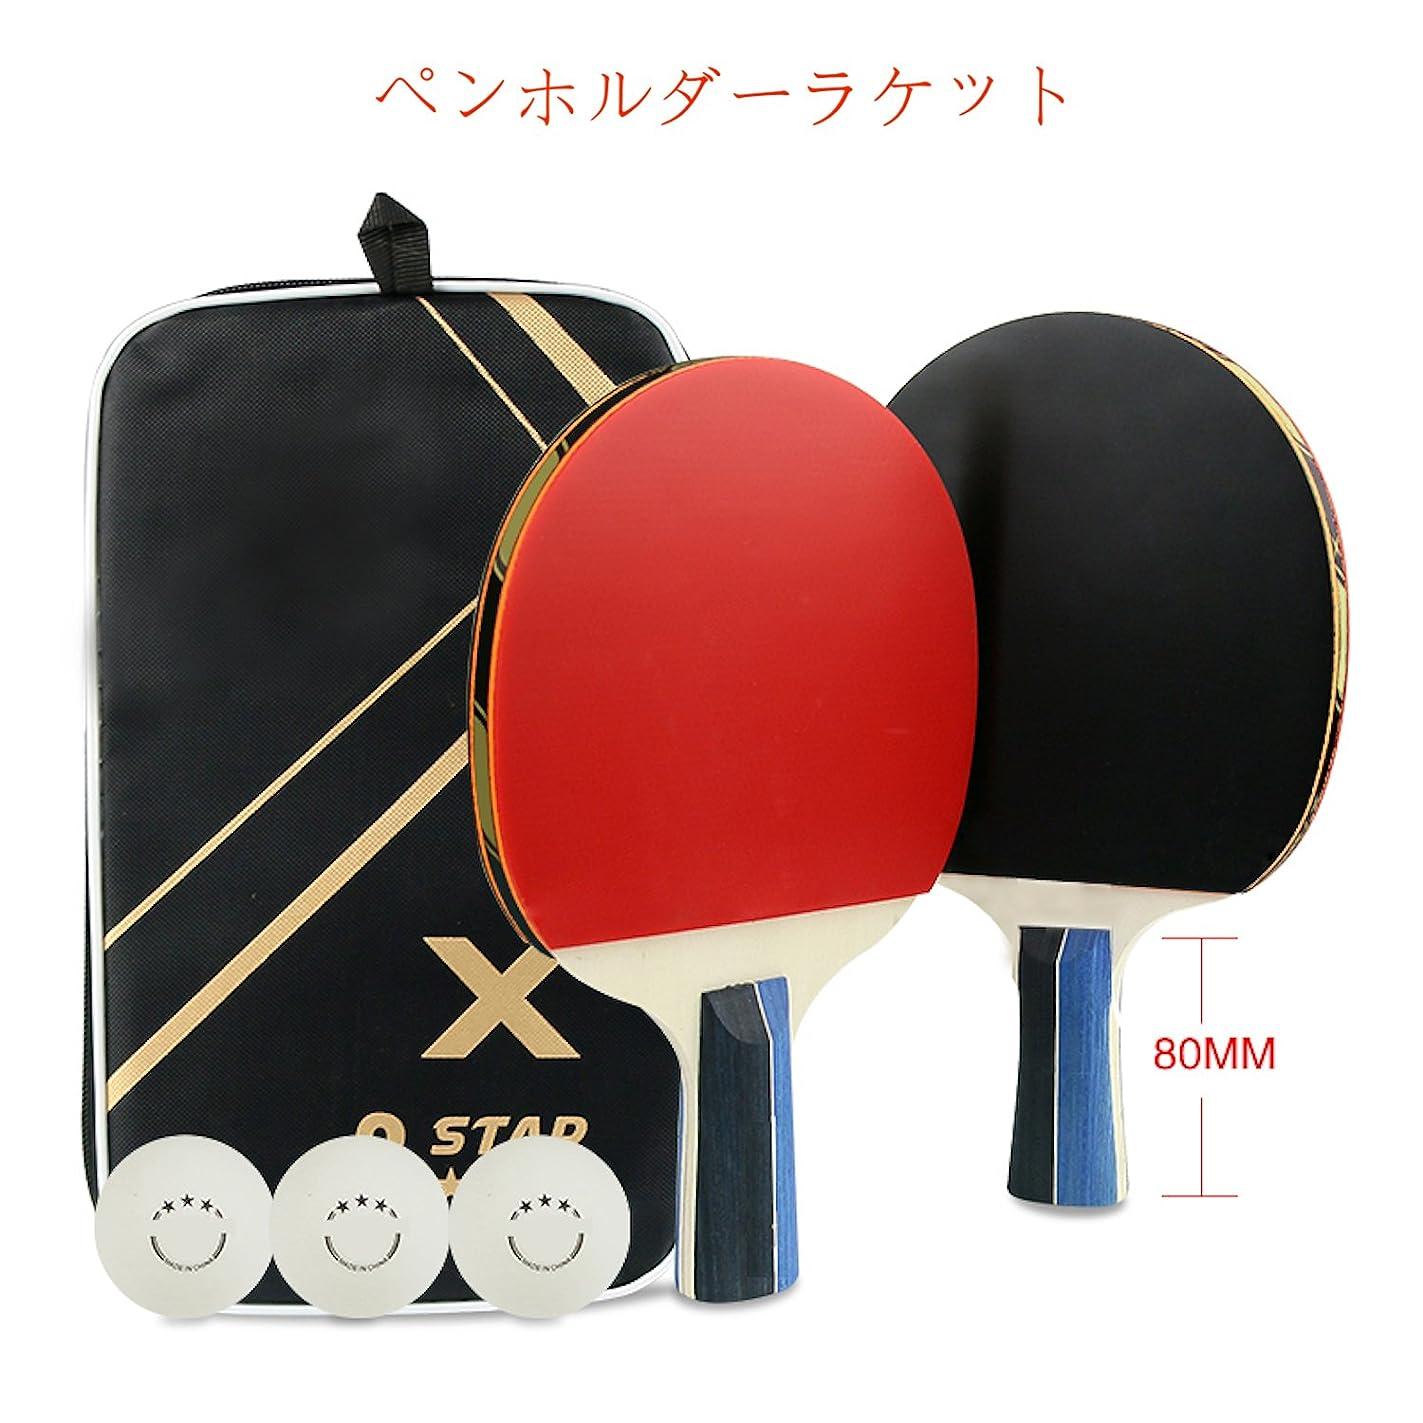 負担処理静かに卓球 ラケット ポータブル 卓球セット ピンポンラケット ラケット2本 ピンポン球3個 収納袋付き 卓球用品 卓球ボール 新入生応援セット ペンホルダーラケットシェークハンドラケット Akayama